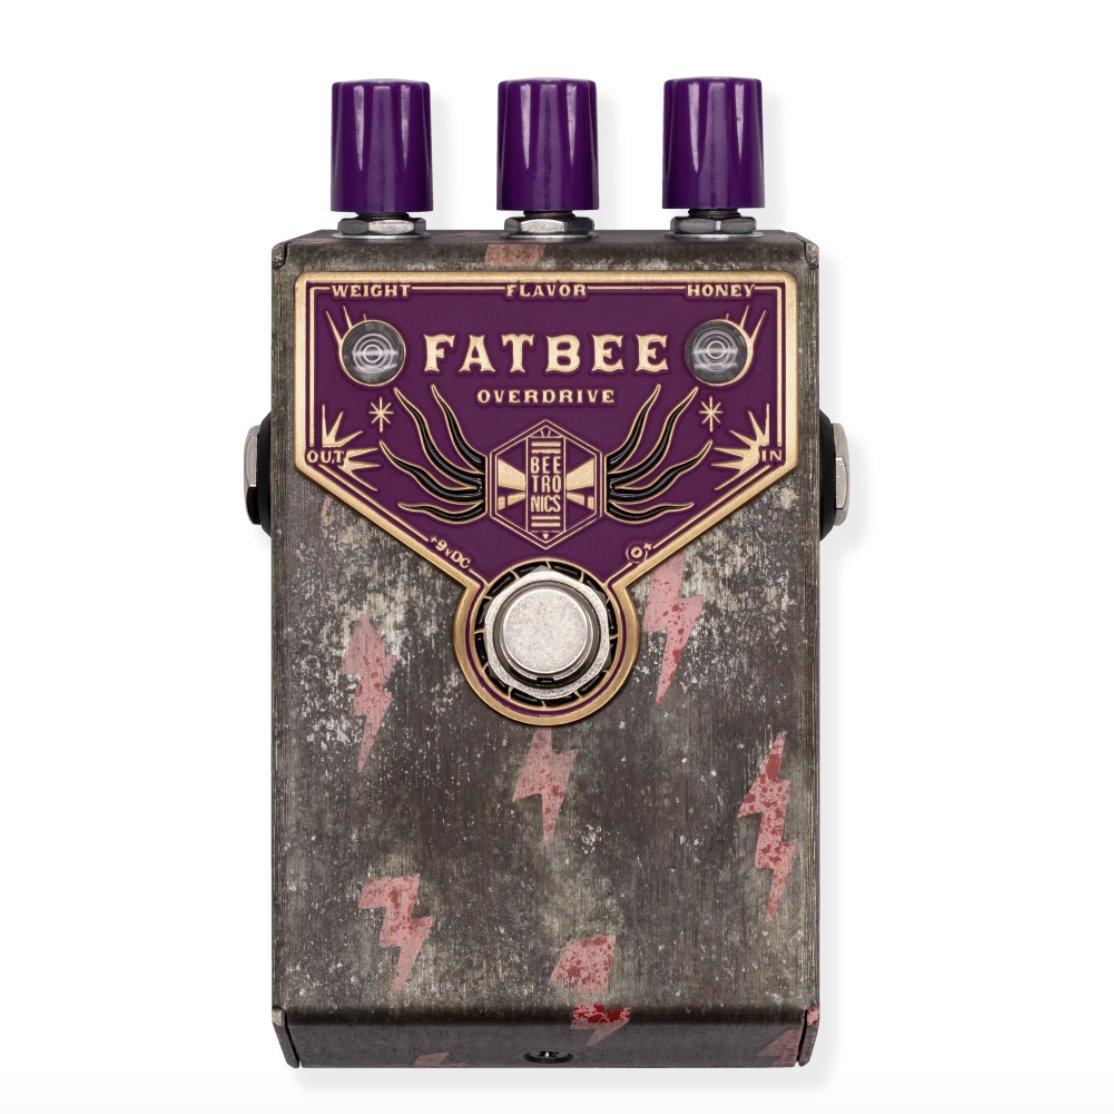 Beetronics Fatbee Overdrive FB934 Custom Series